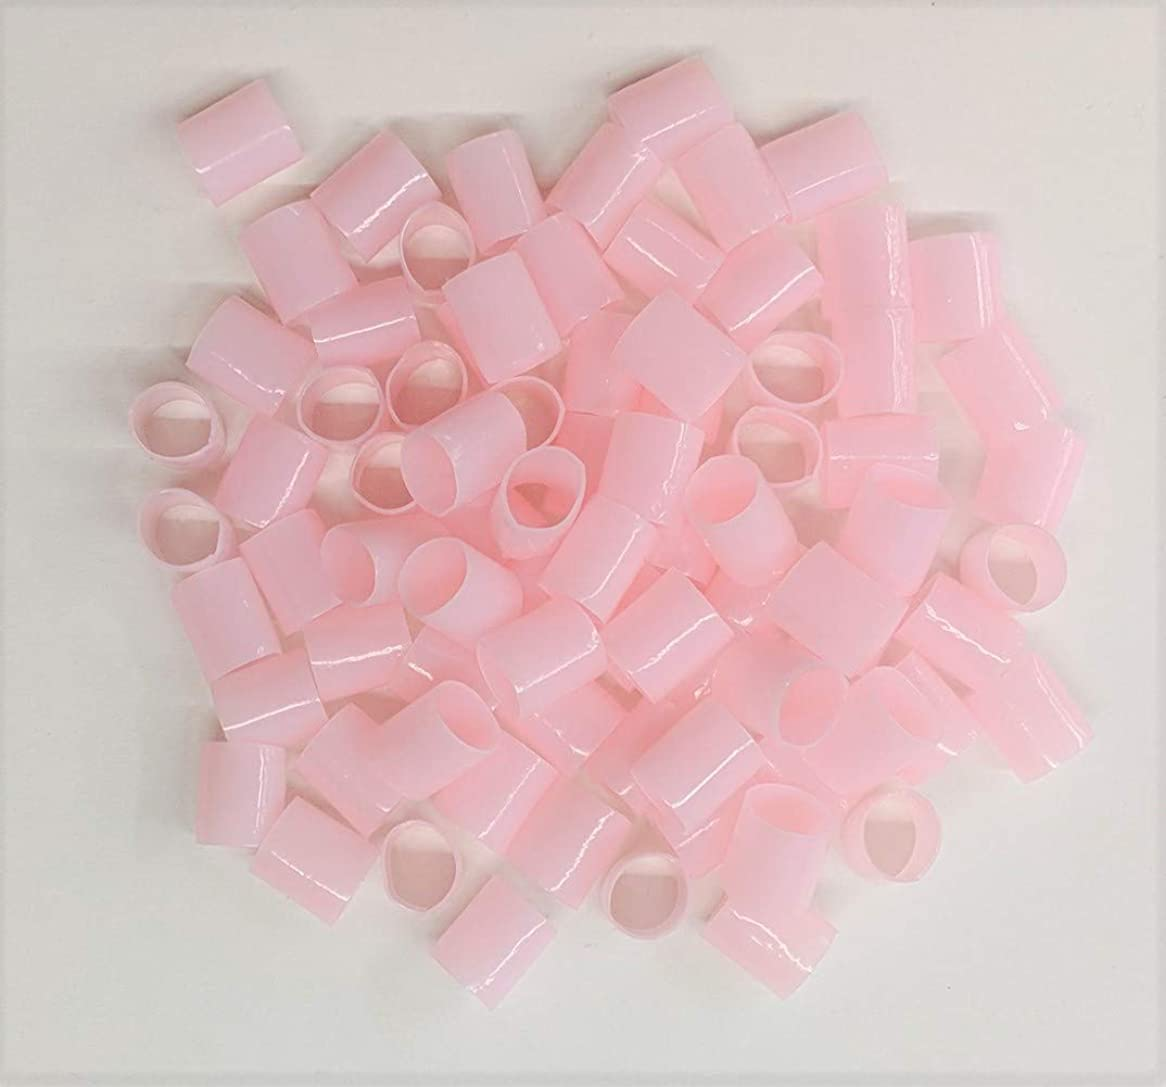 ねじれ合計プロジェクターJOYDREAM パイプ枕 補充用 かため ピンク 500g 詰替用 日本製 まくら